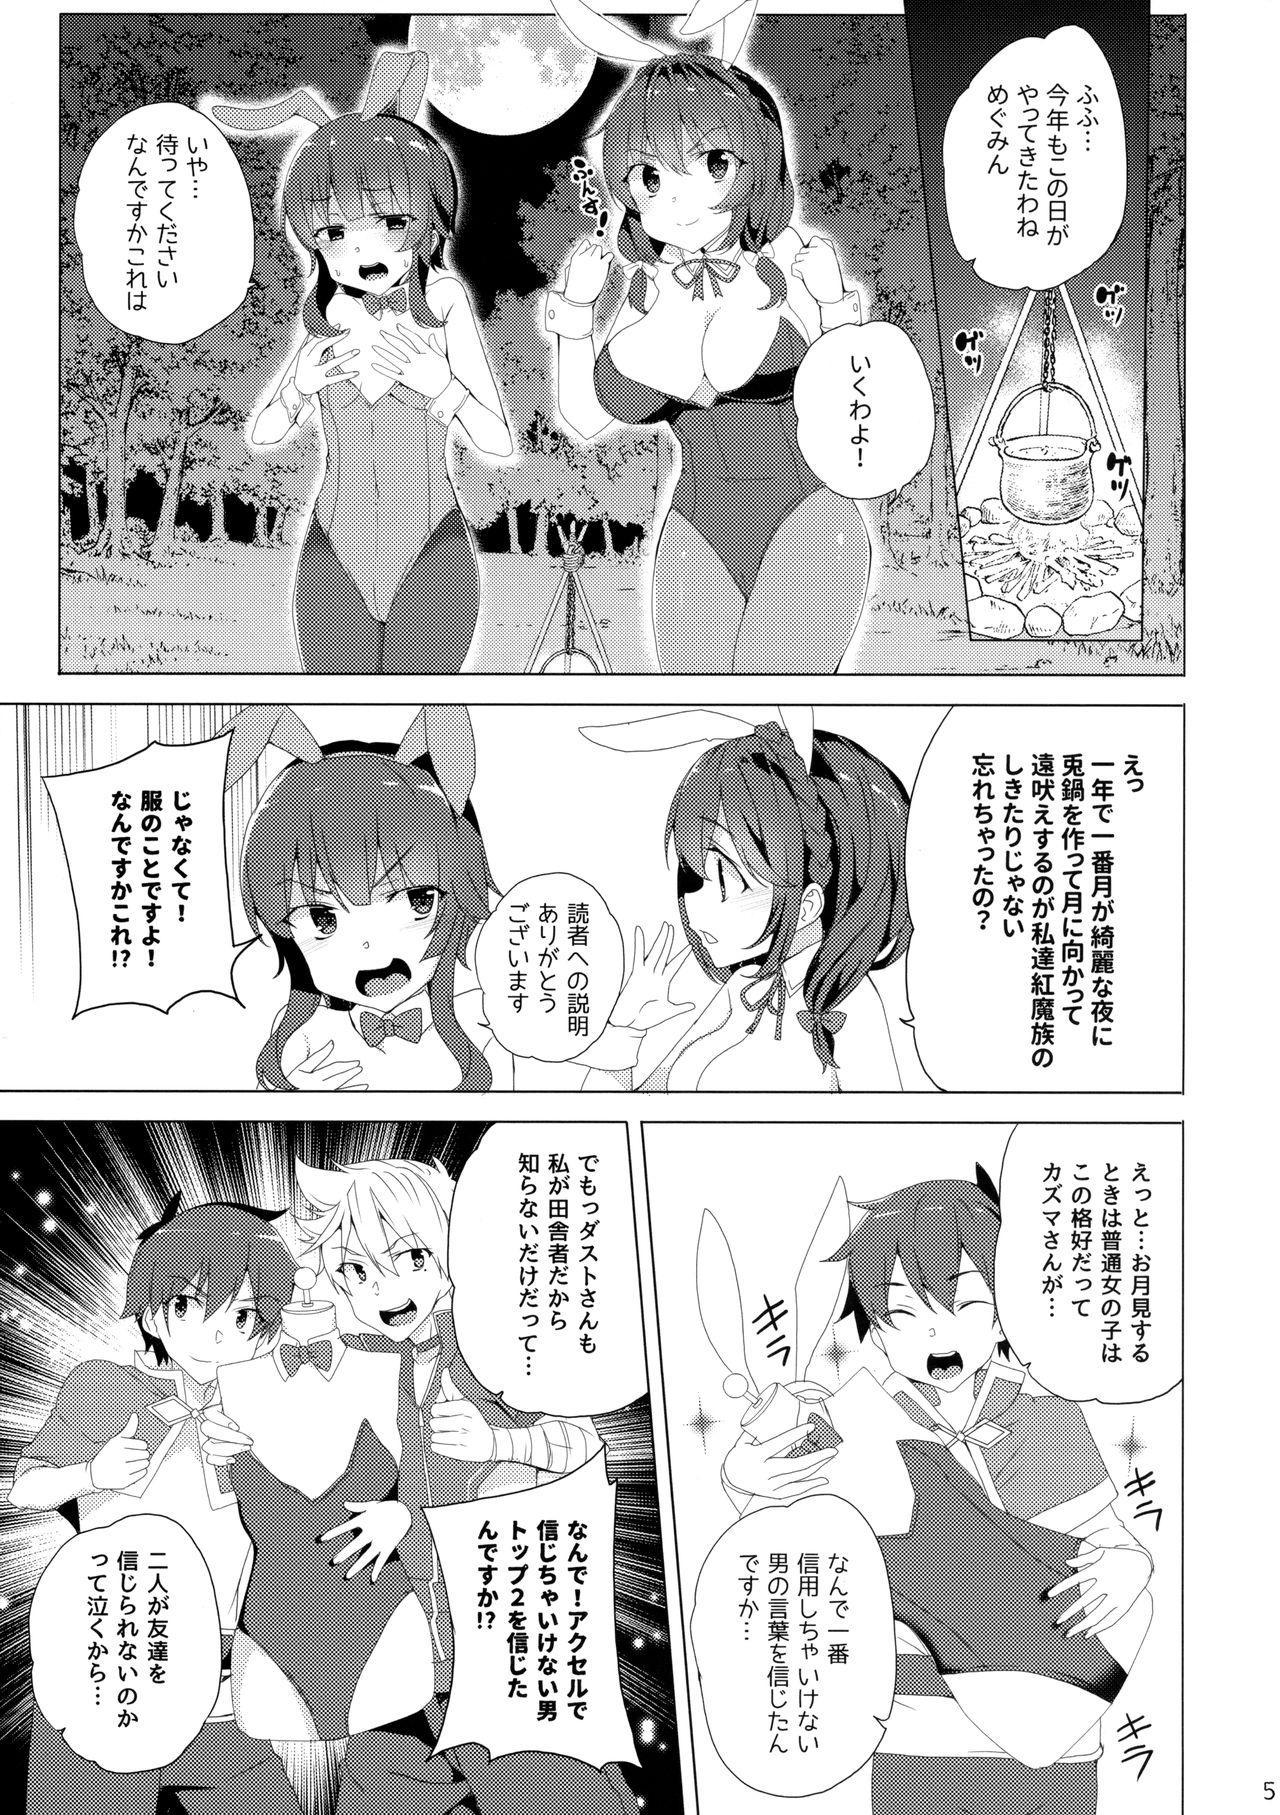 Kouma no Musume wa Tsukiyo ni Hoeru 3